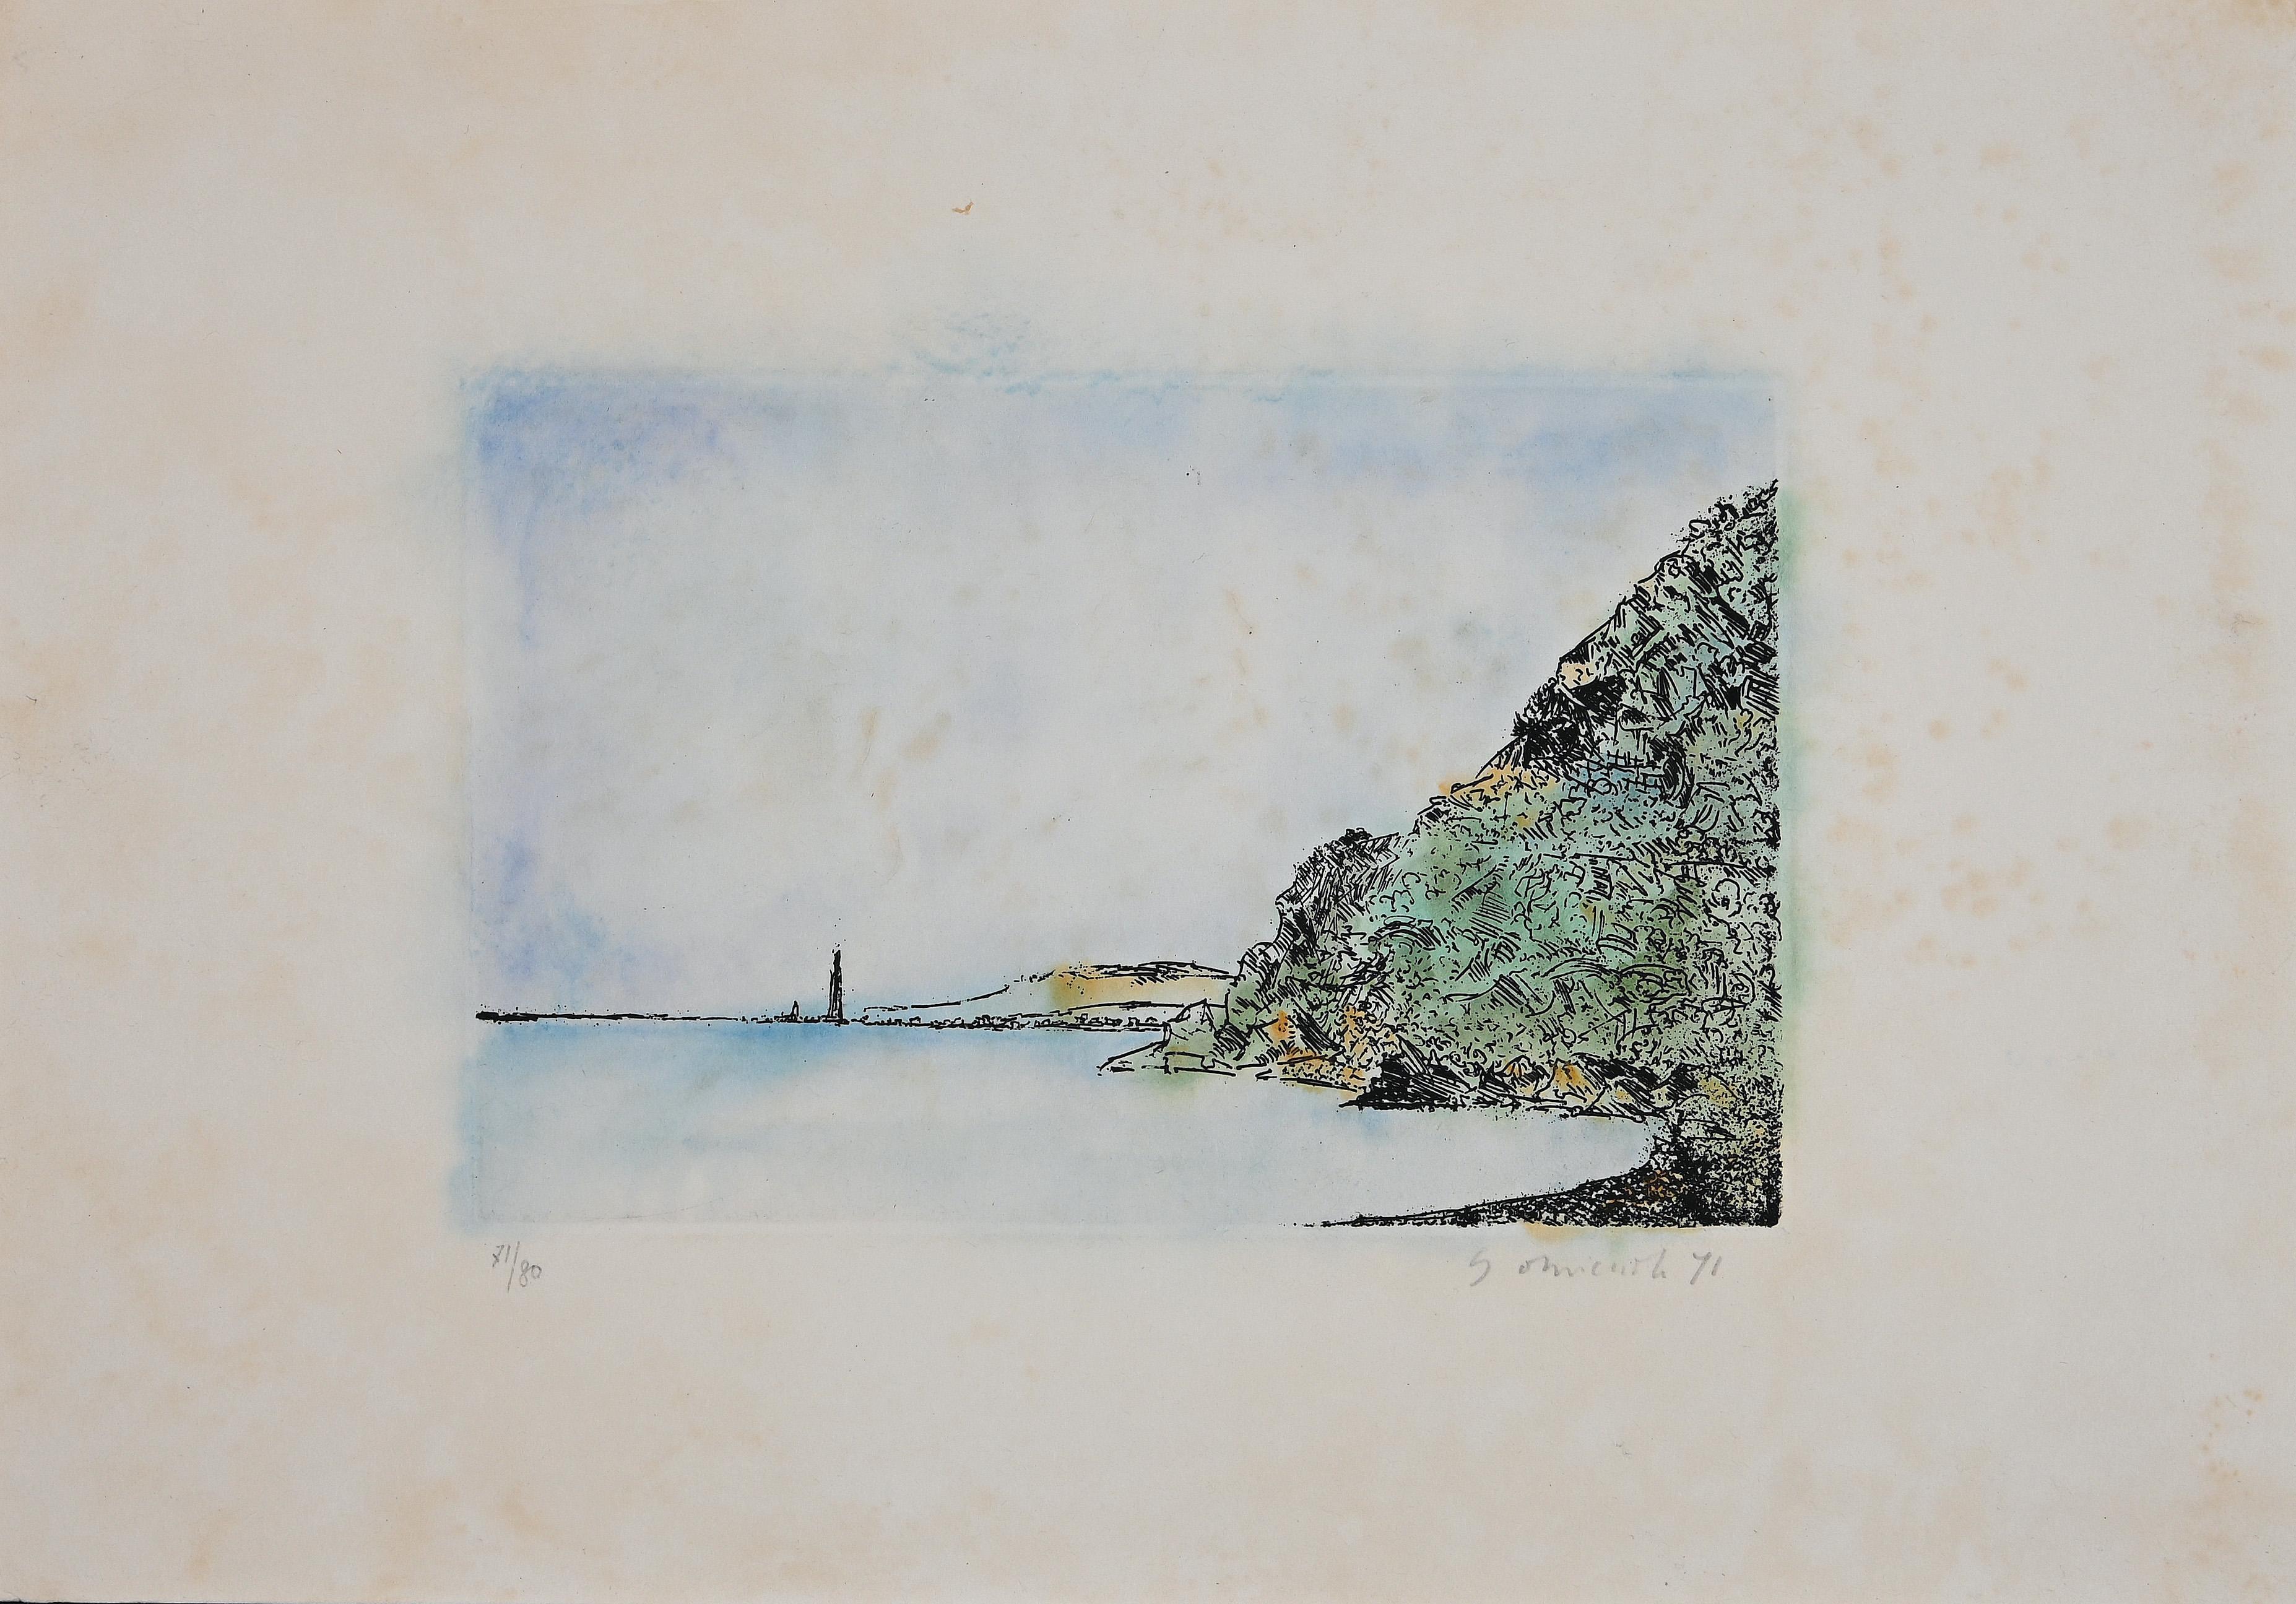 Scilla - Original Etching by Giovanni Omiccioli - 1971